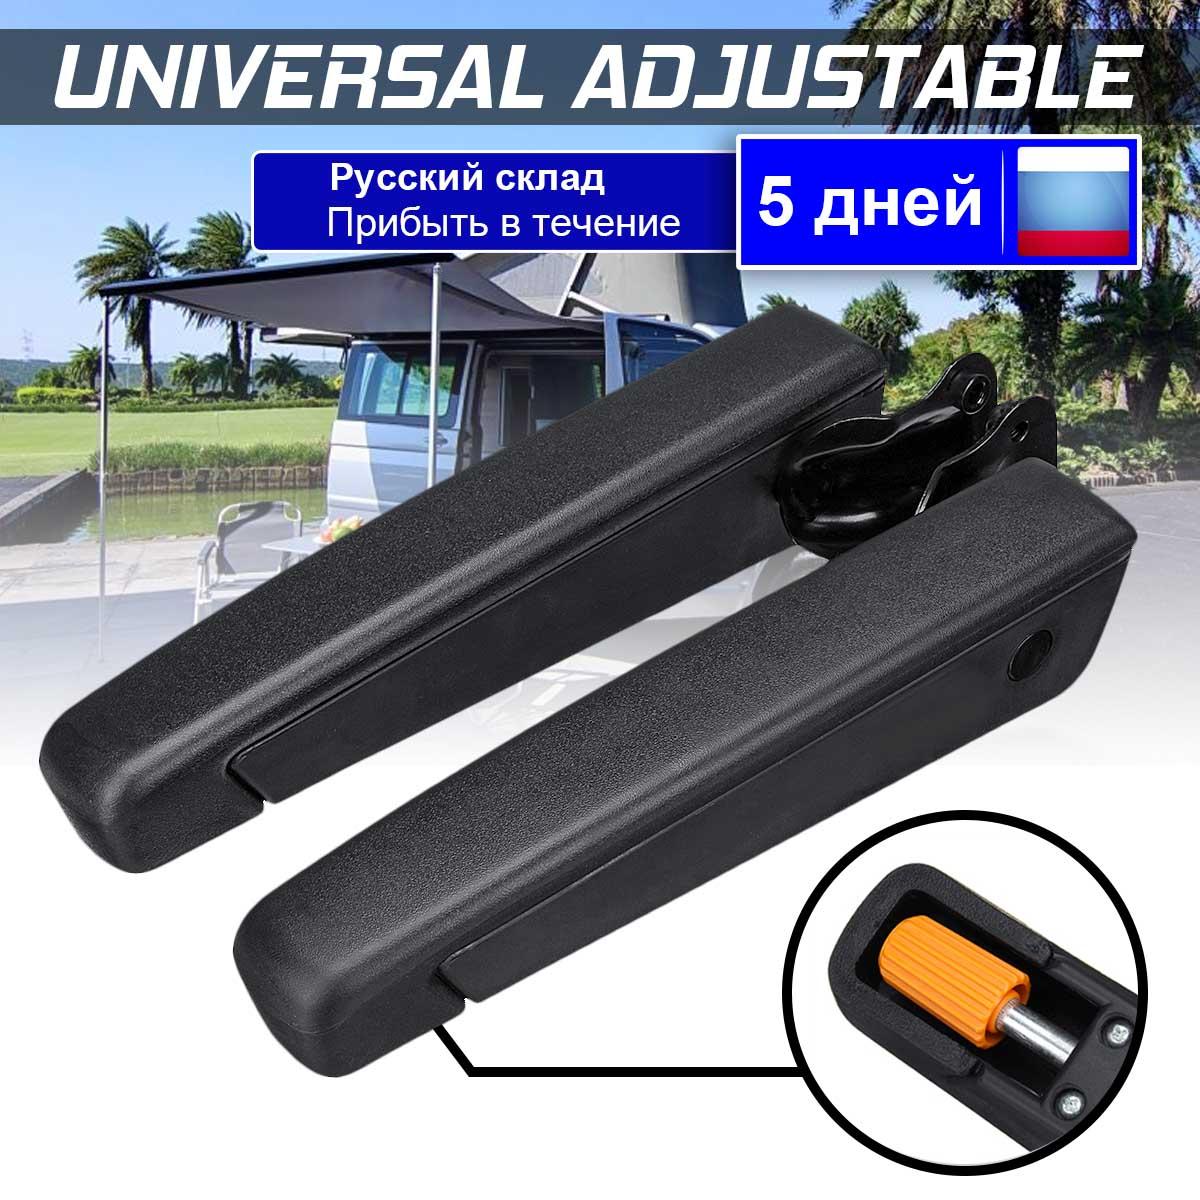 Universal ajustável assento de carro braço para rv van motorhome barco caminhão acessórios do carro